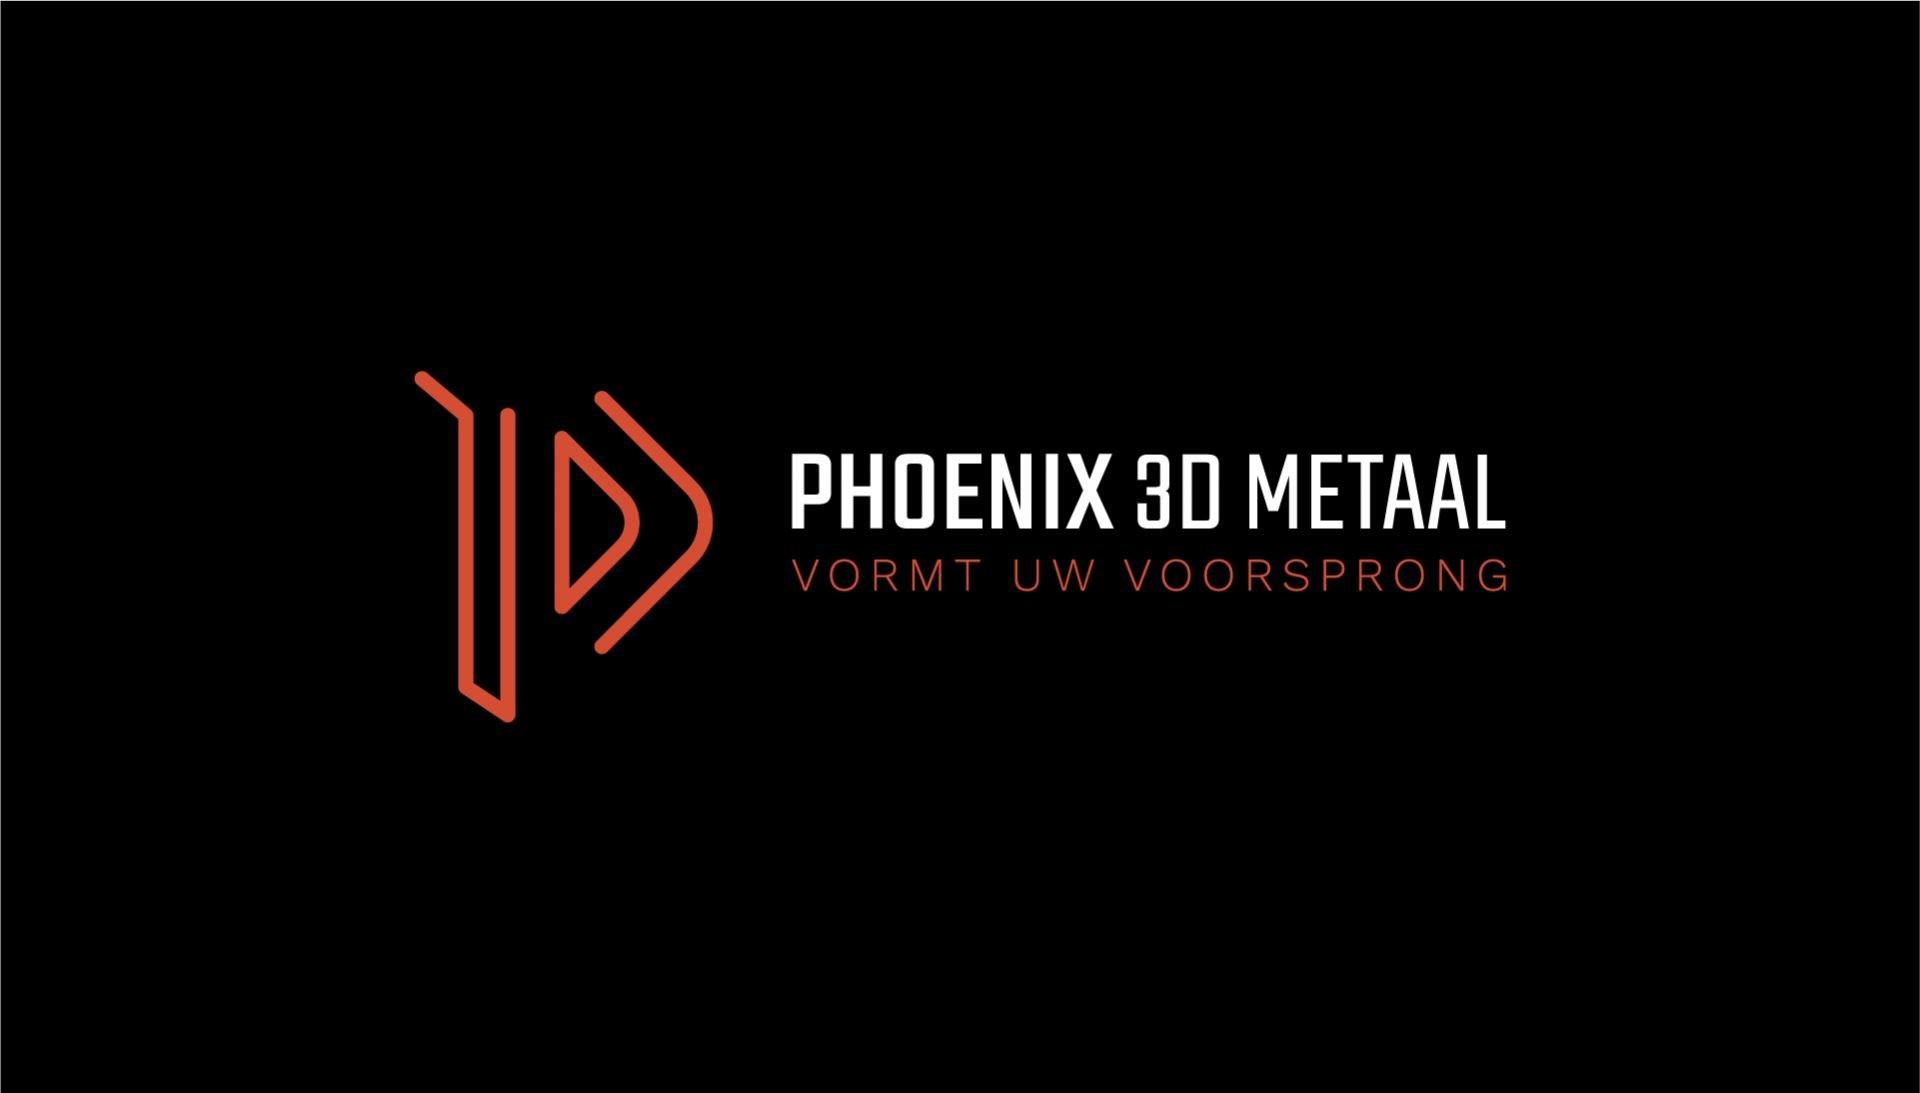 Phoenix 3D Metaal